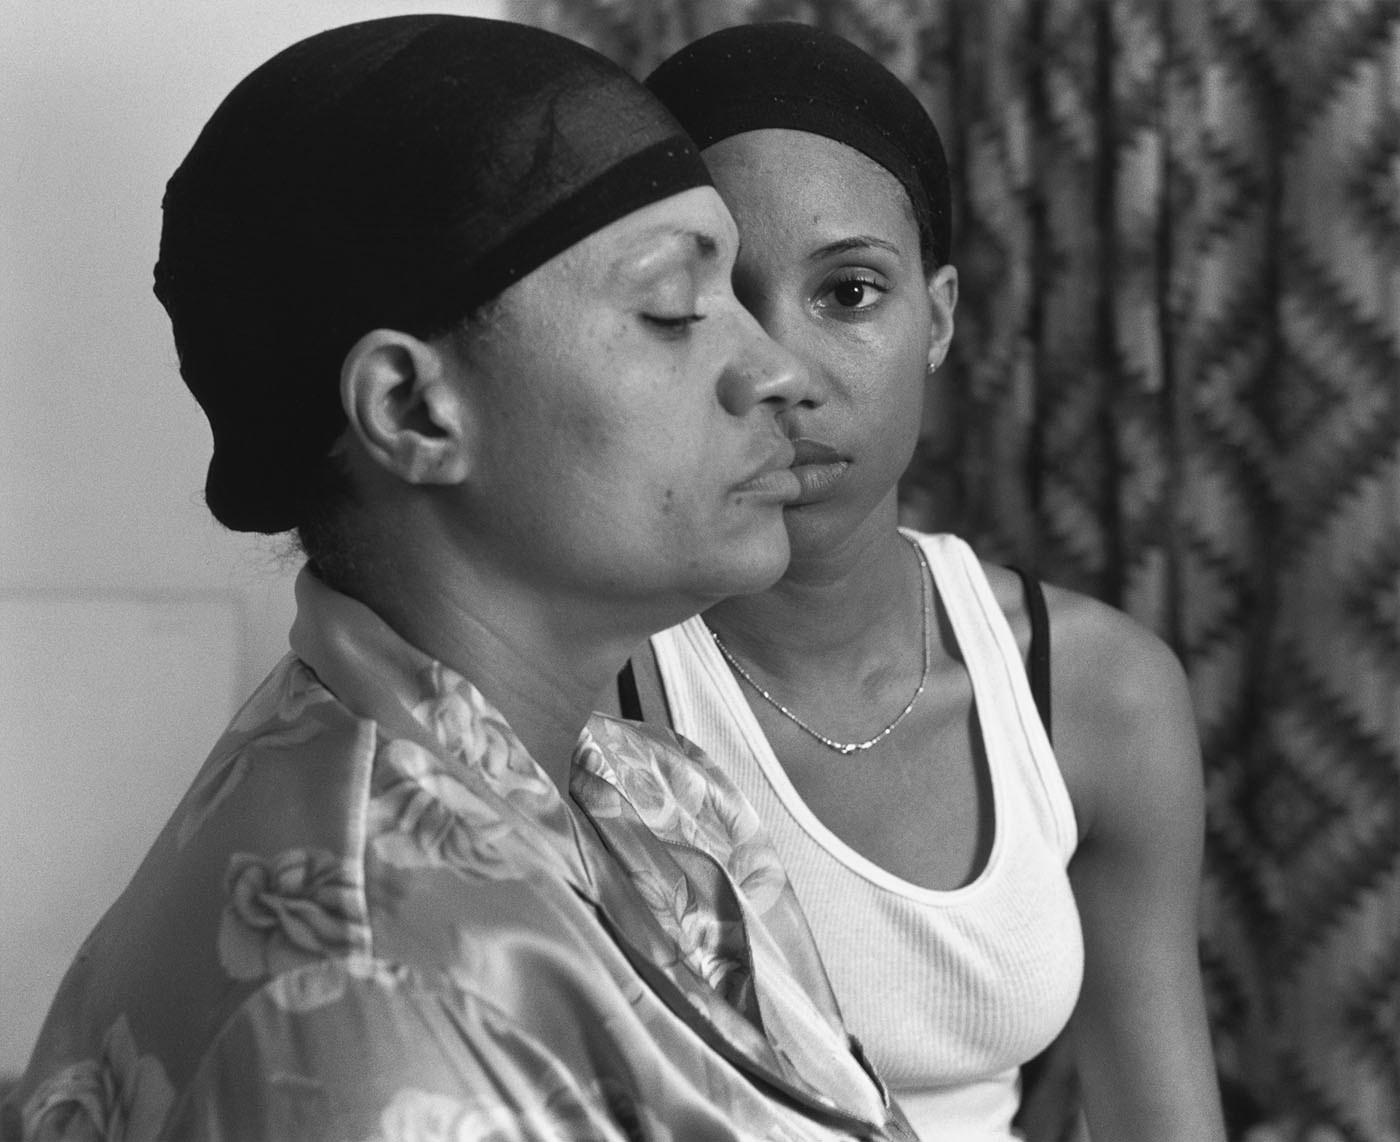 LaToya Ruby Frazier,Momme, 2008, Carnegie Museum of Art.  https://www.wired.com/2015/10/interview-photographer-latoya-ruby-frazier/#slide-3